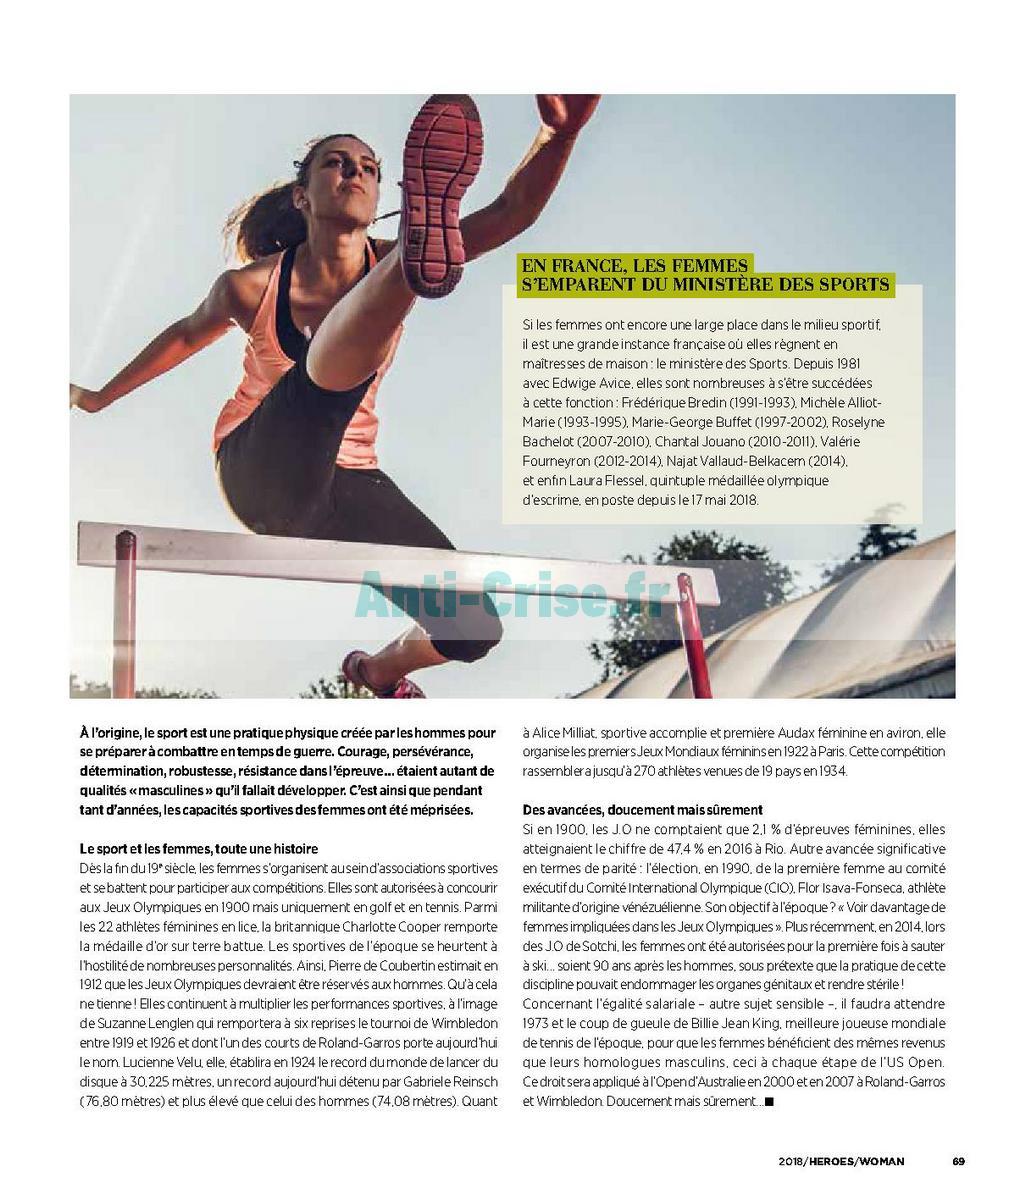 decembre2018 Catalogue Go Sport du 28 avril au 31 décembre 2018 (Spécial Femme) (69)